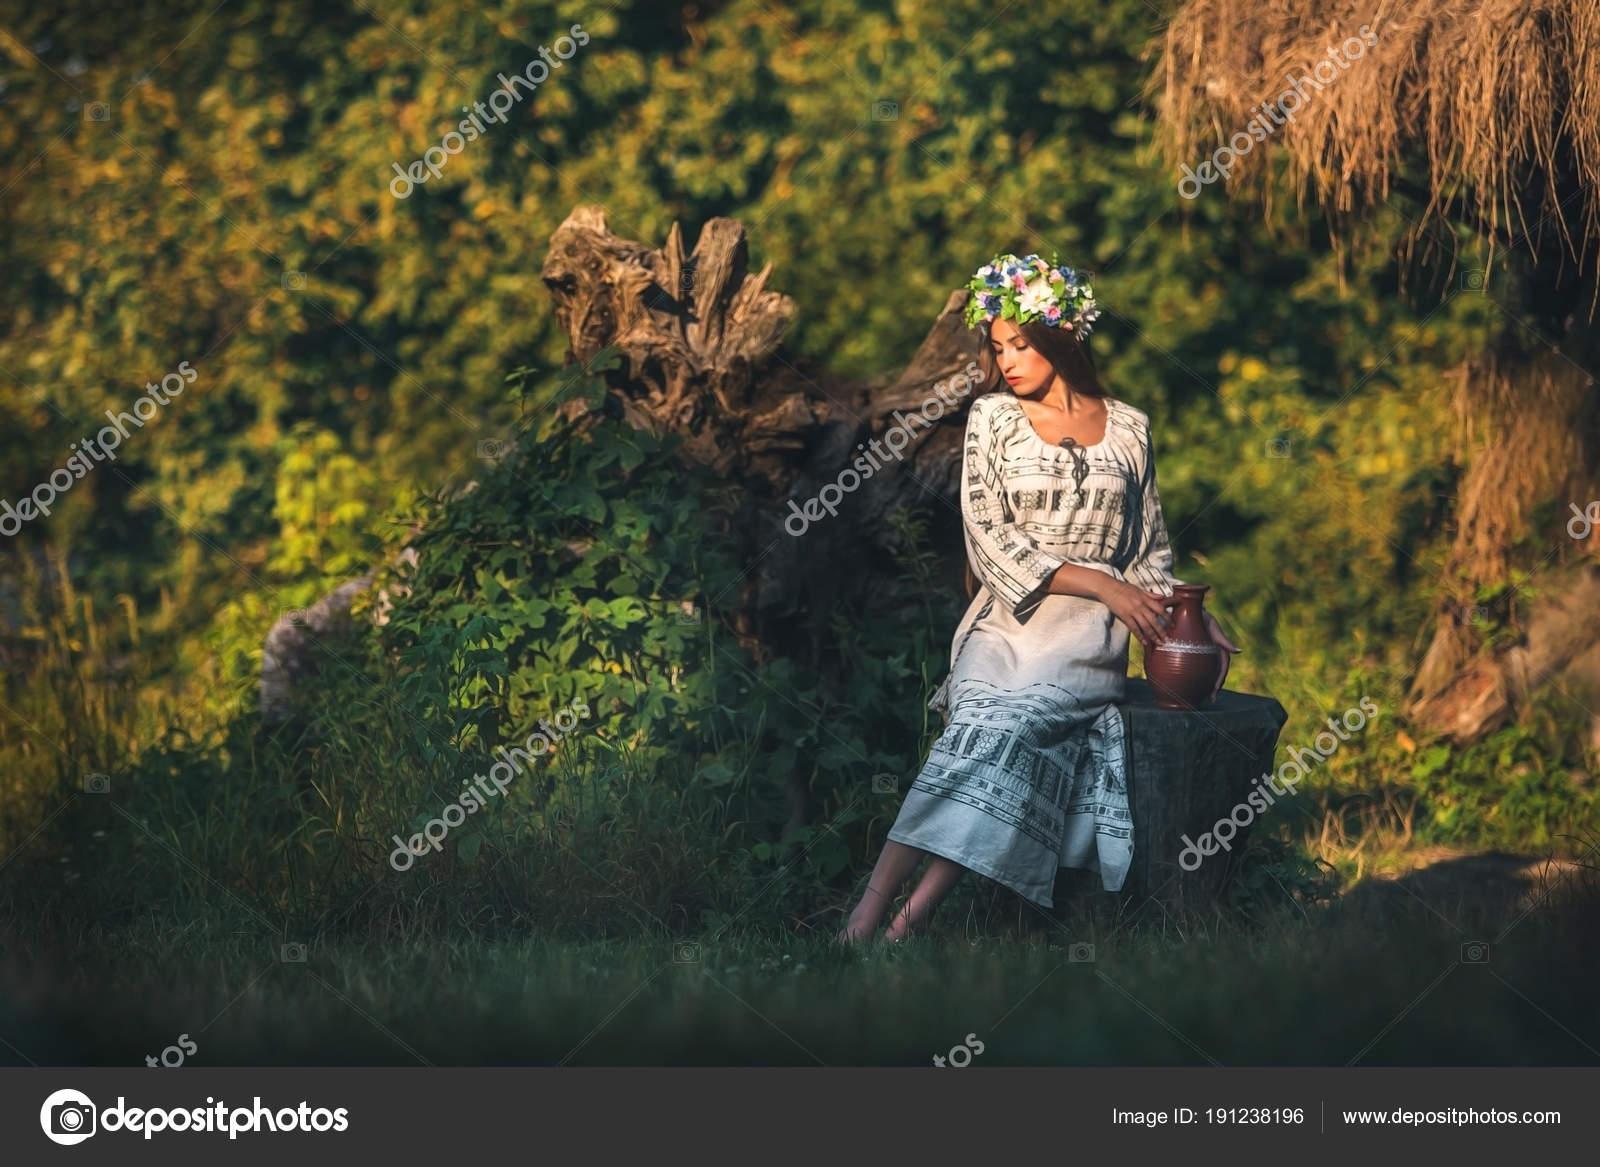 20fb49bf07 Siedzi brunetka w Wyszywana sukienka lniana z wzorami na pniu z dzbanem —  Zdjęcie od style-photo. Znajdź podobne obrazy